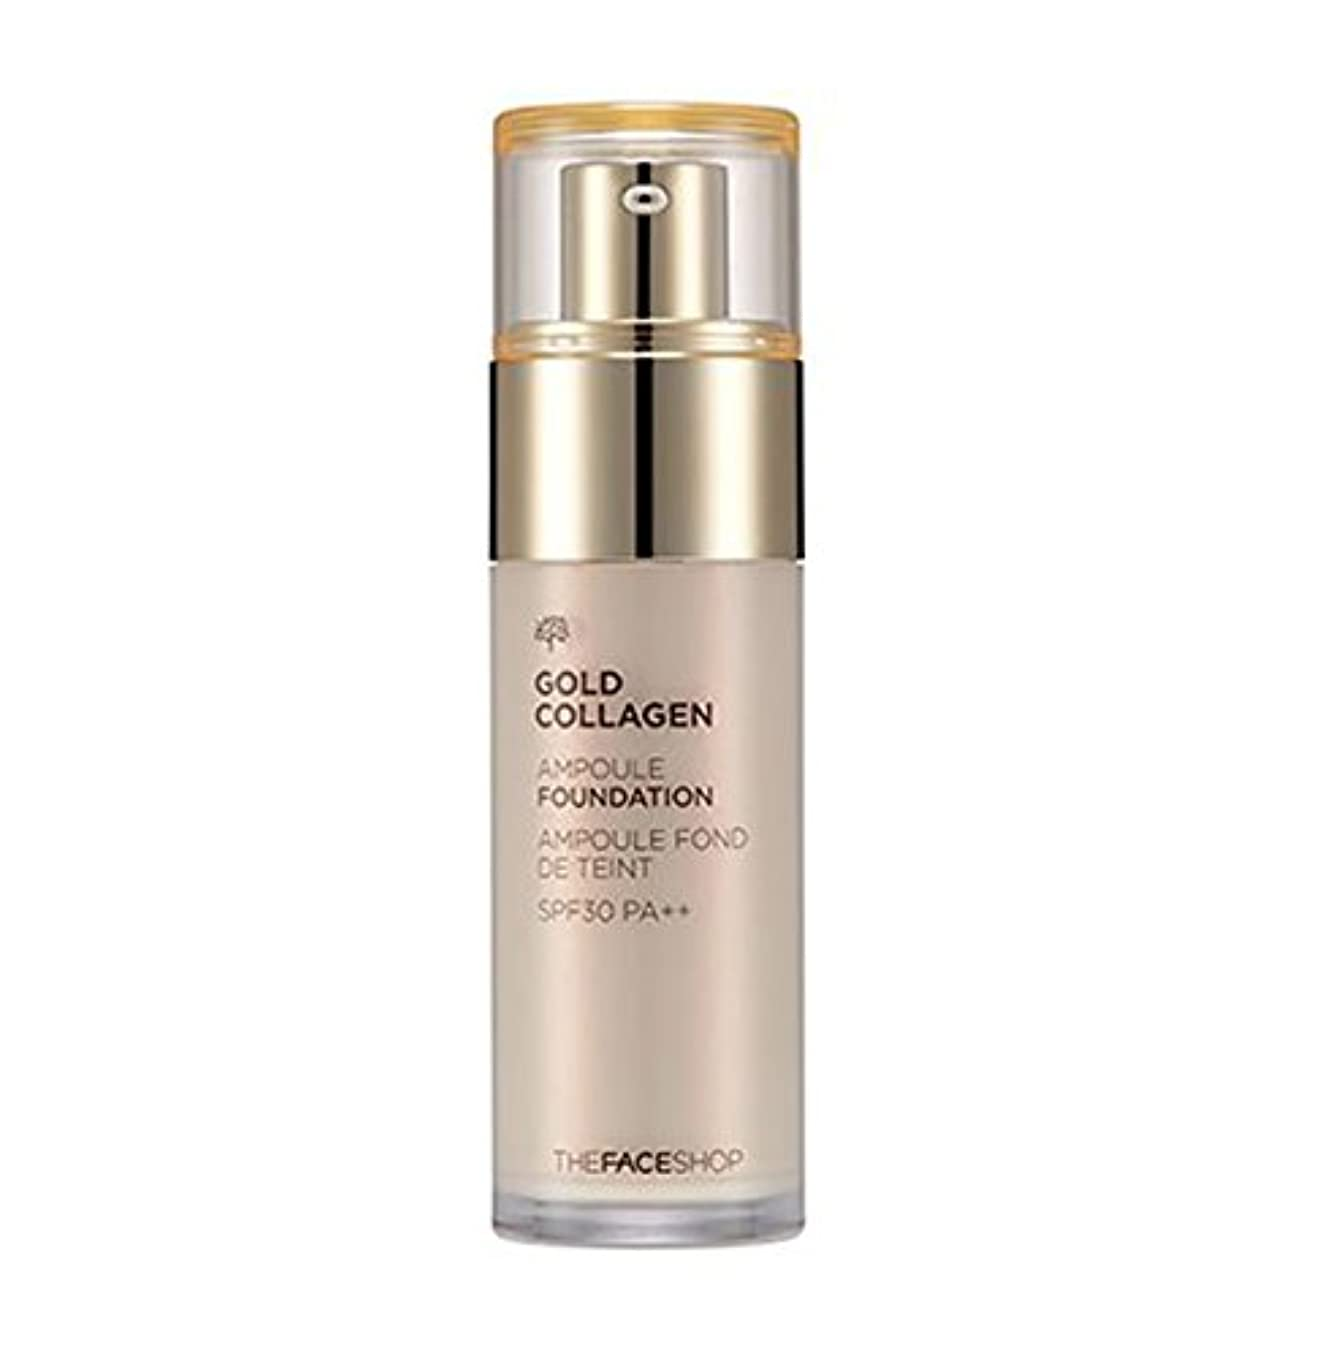 パンダ上院海.ザ·フェイスショップ ゴールドコラーゲンアンプルファンデーションSPF30 PA +++ 40ml The Face Shop Gold Collagen Ampoule Foundation [海外直送品] (V201...